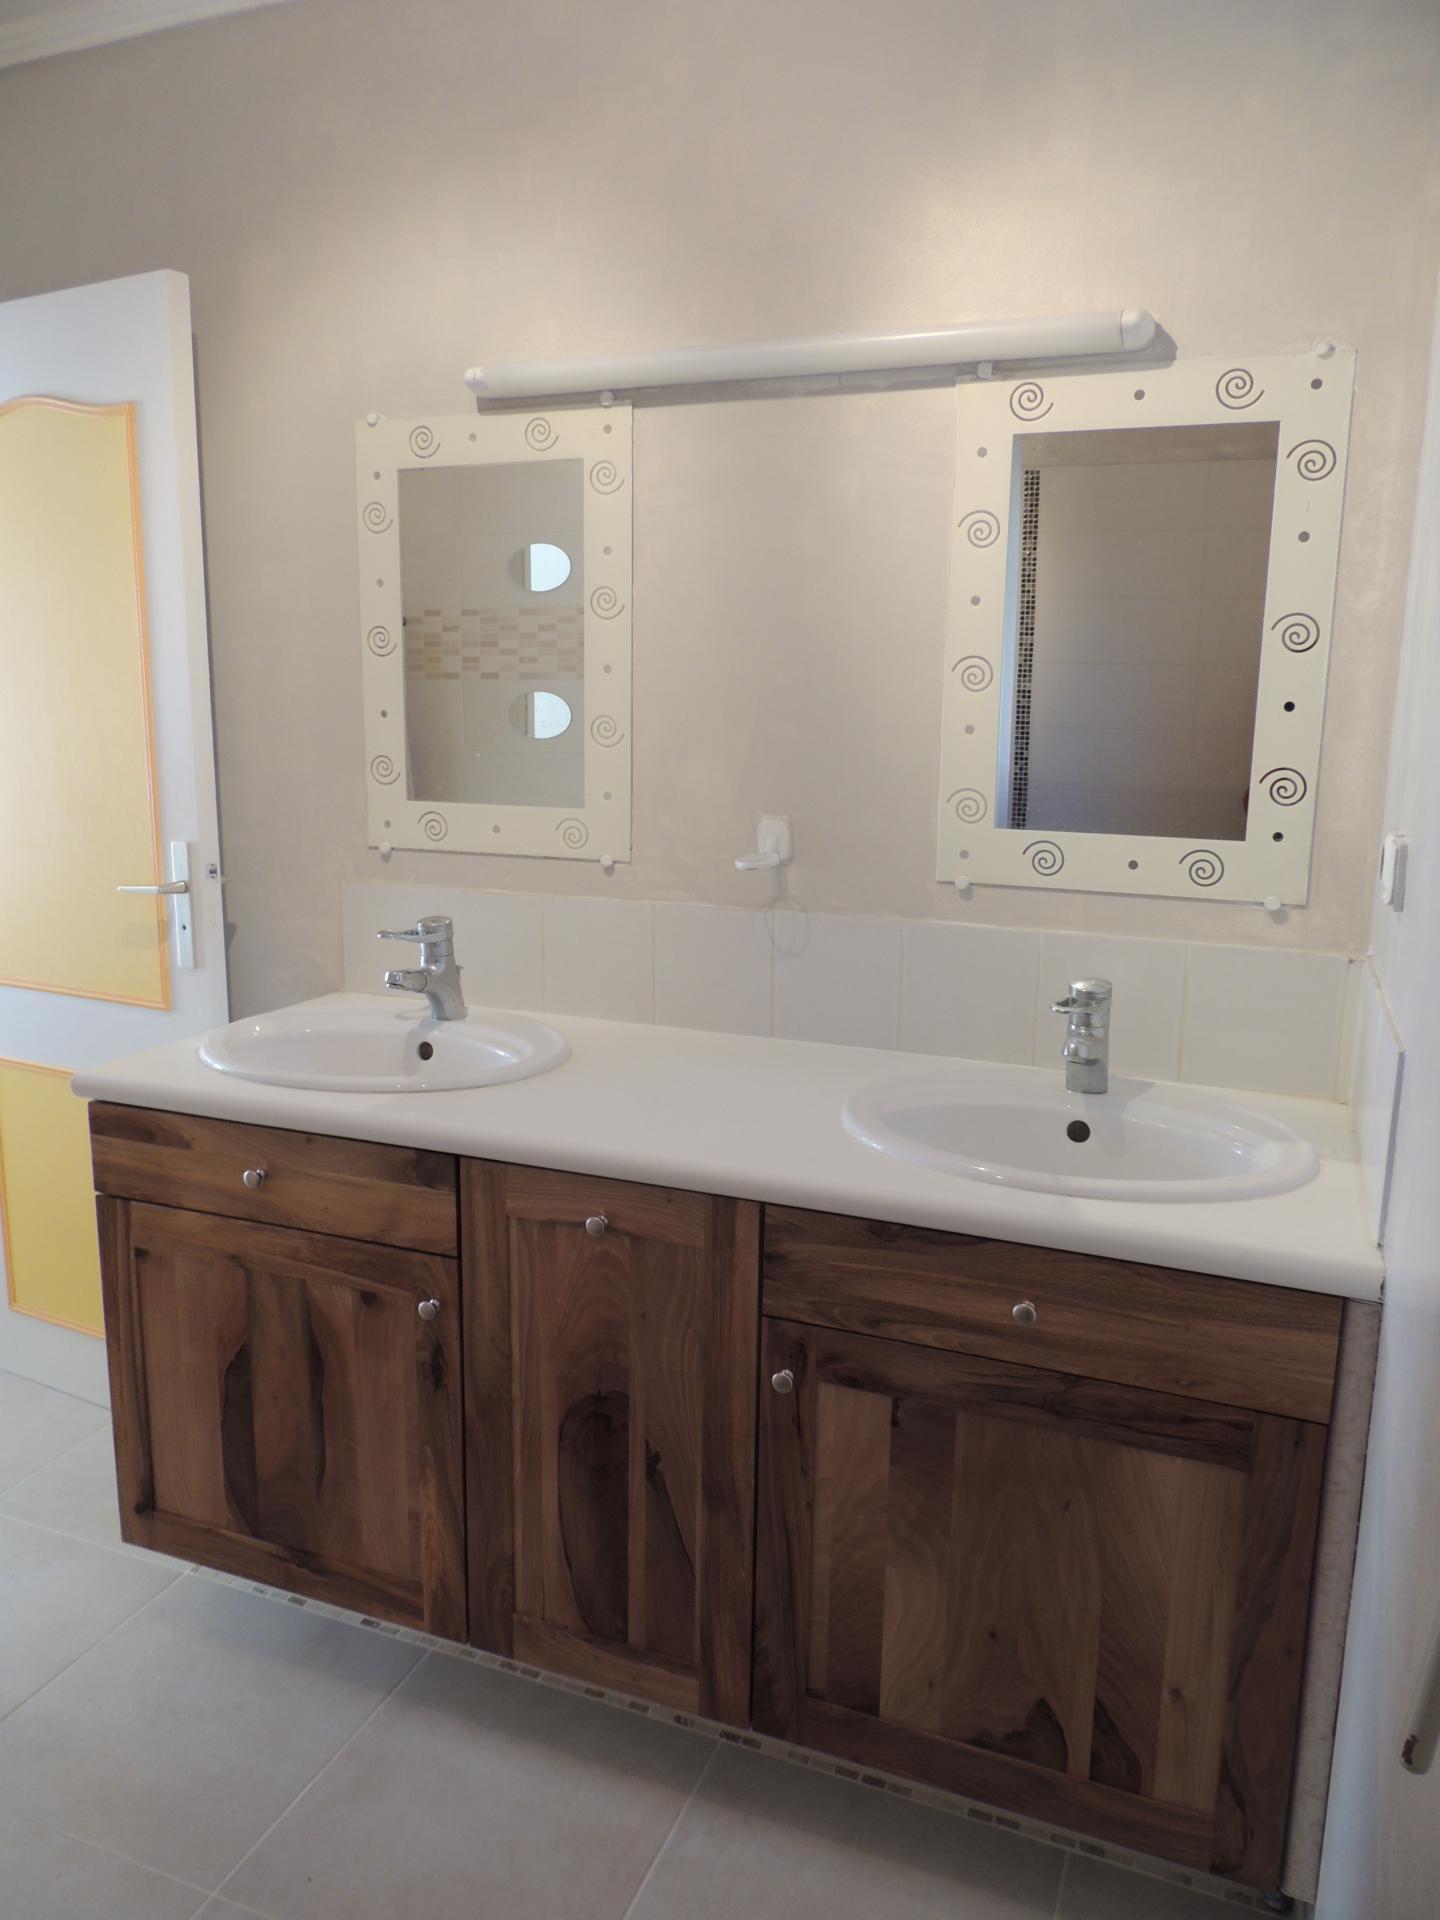 Salle de bain wc for Relooker une salle de bain